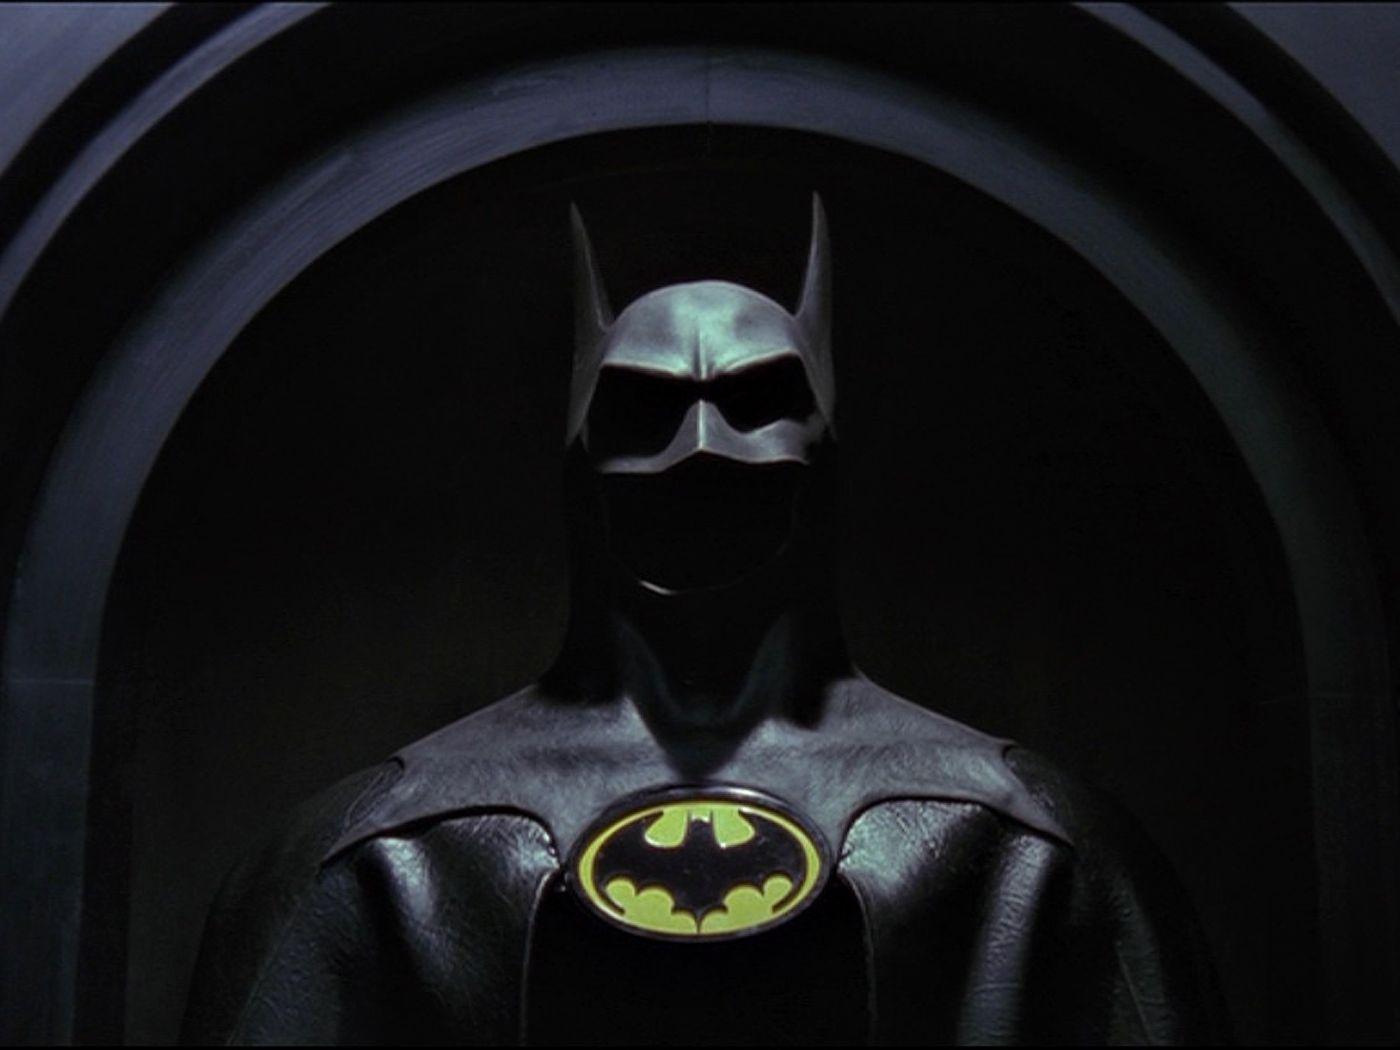 The Batman Suit Wallpaper 1400x1050